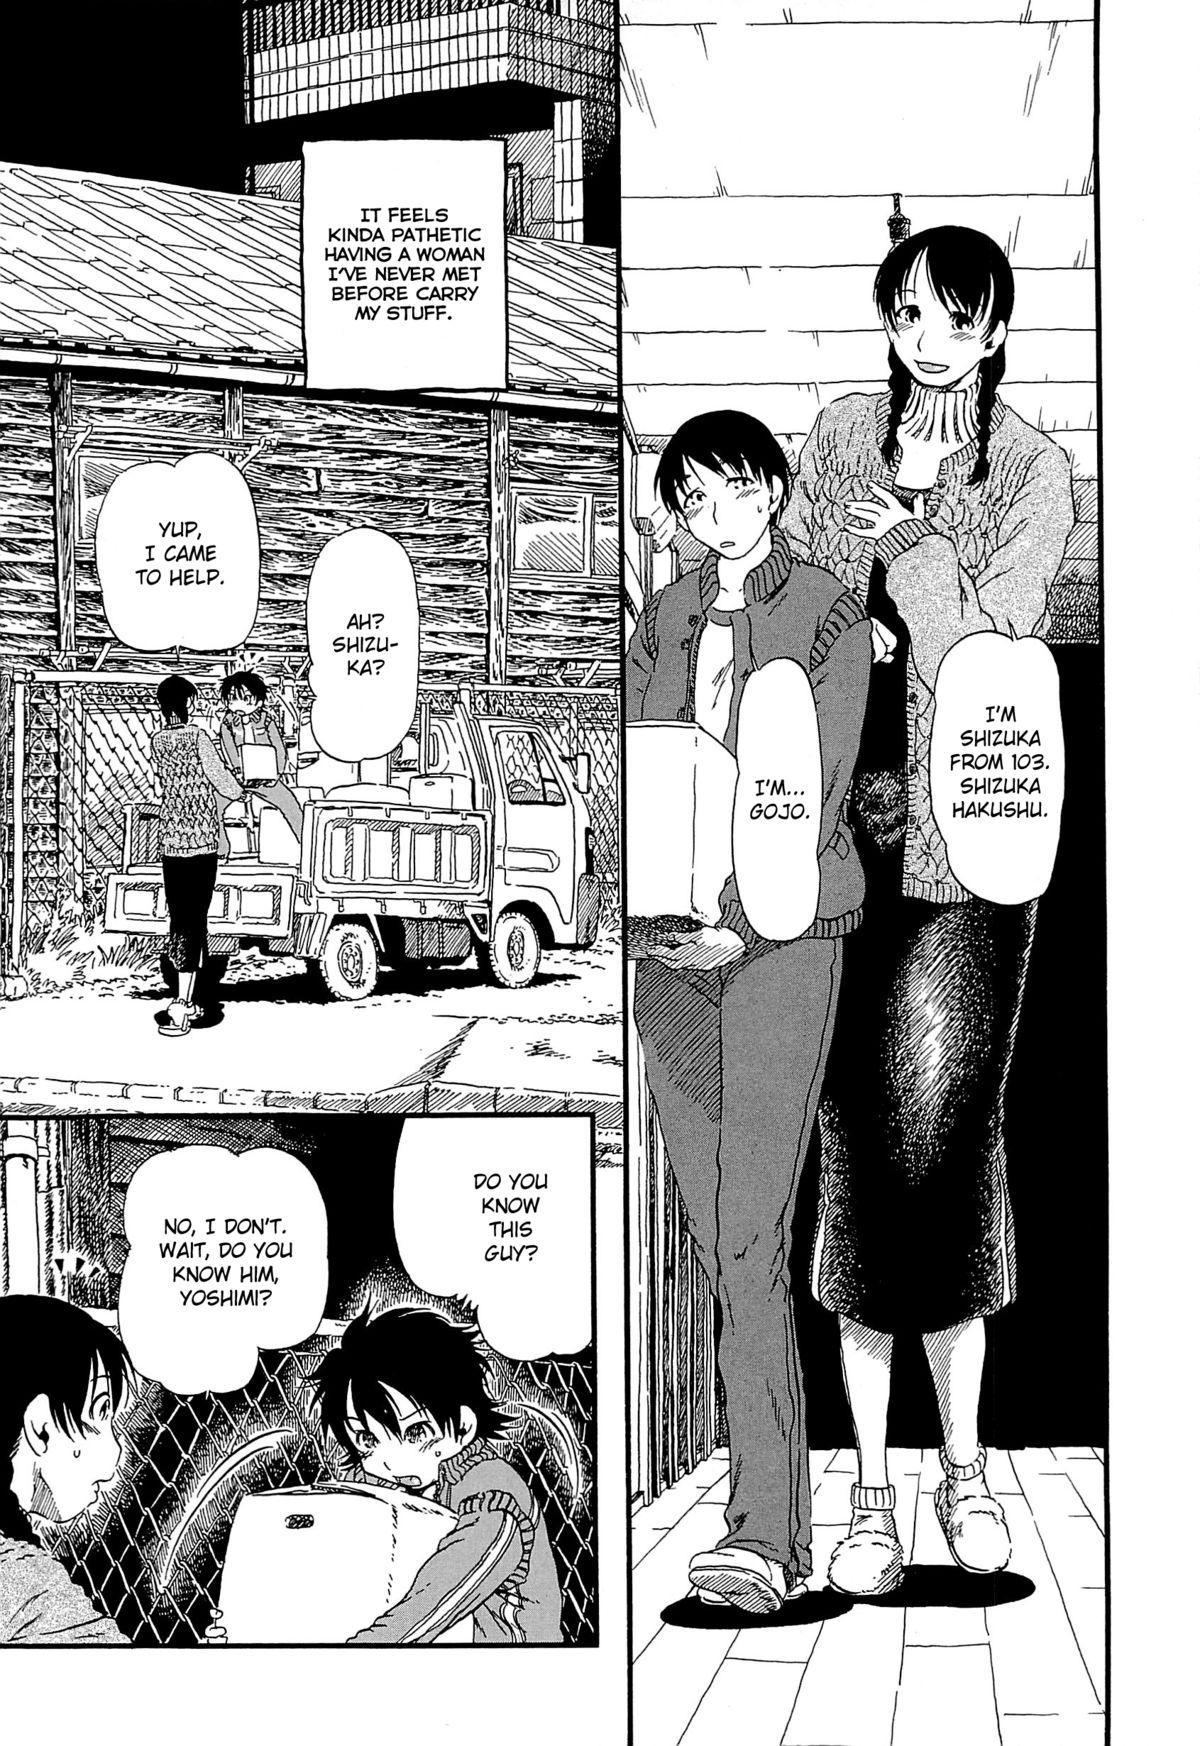 [Horihone Saizou] Molly House #1 ~Shitagi de Iyarashiku~   Molly House 1 ~Naughty in Underwear~ (Kawaii Boku) [English] =Short Wharf= 1